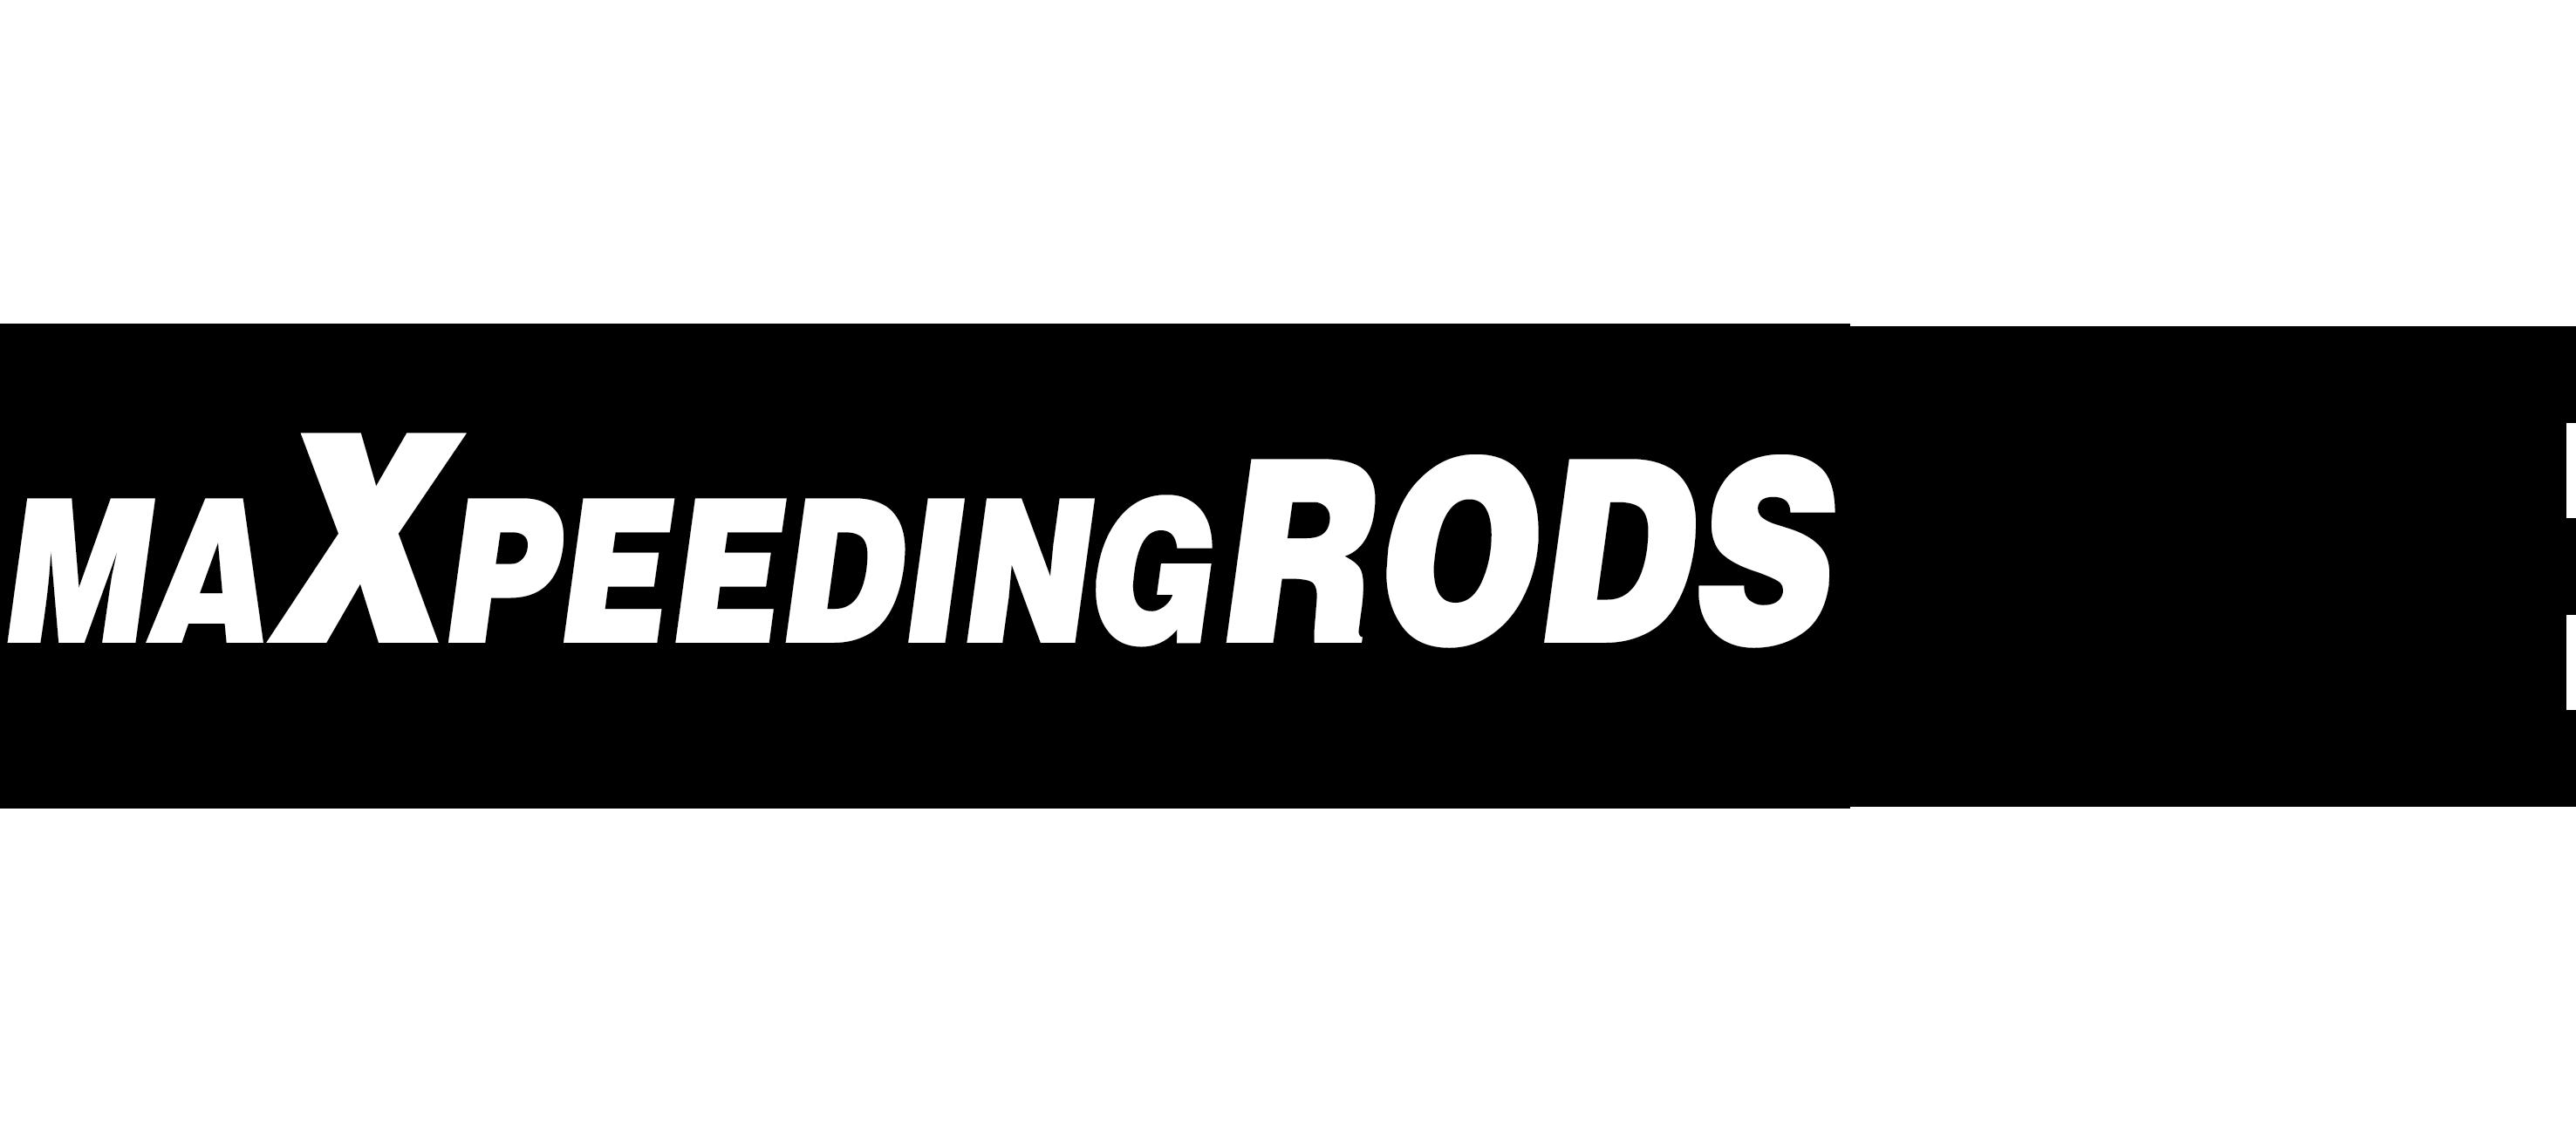 Maxpeedingrods Coupon & Deals 2018